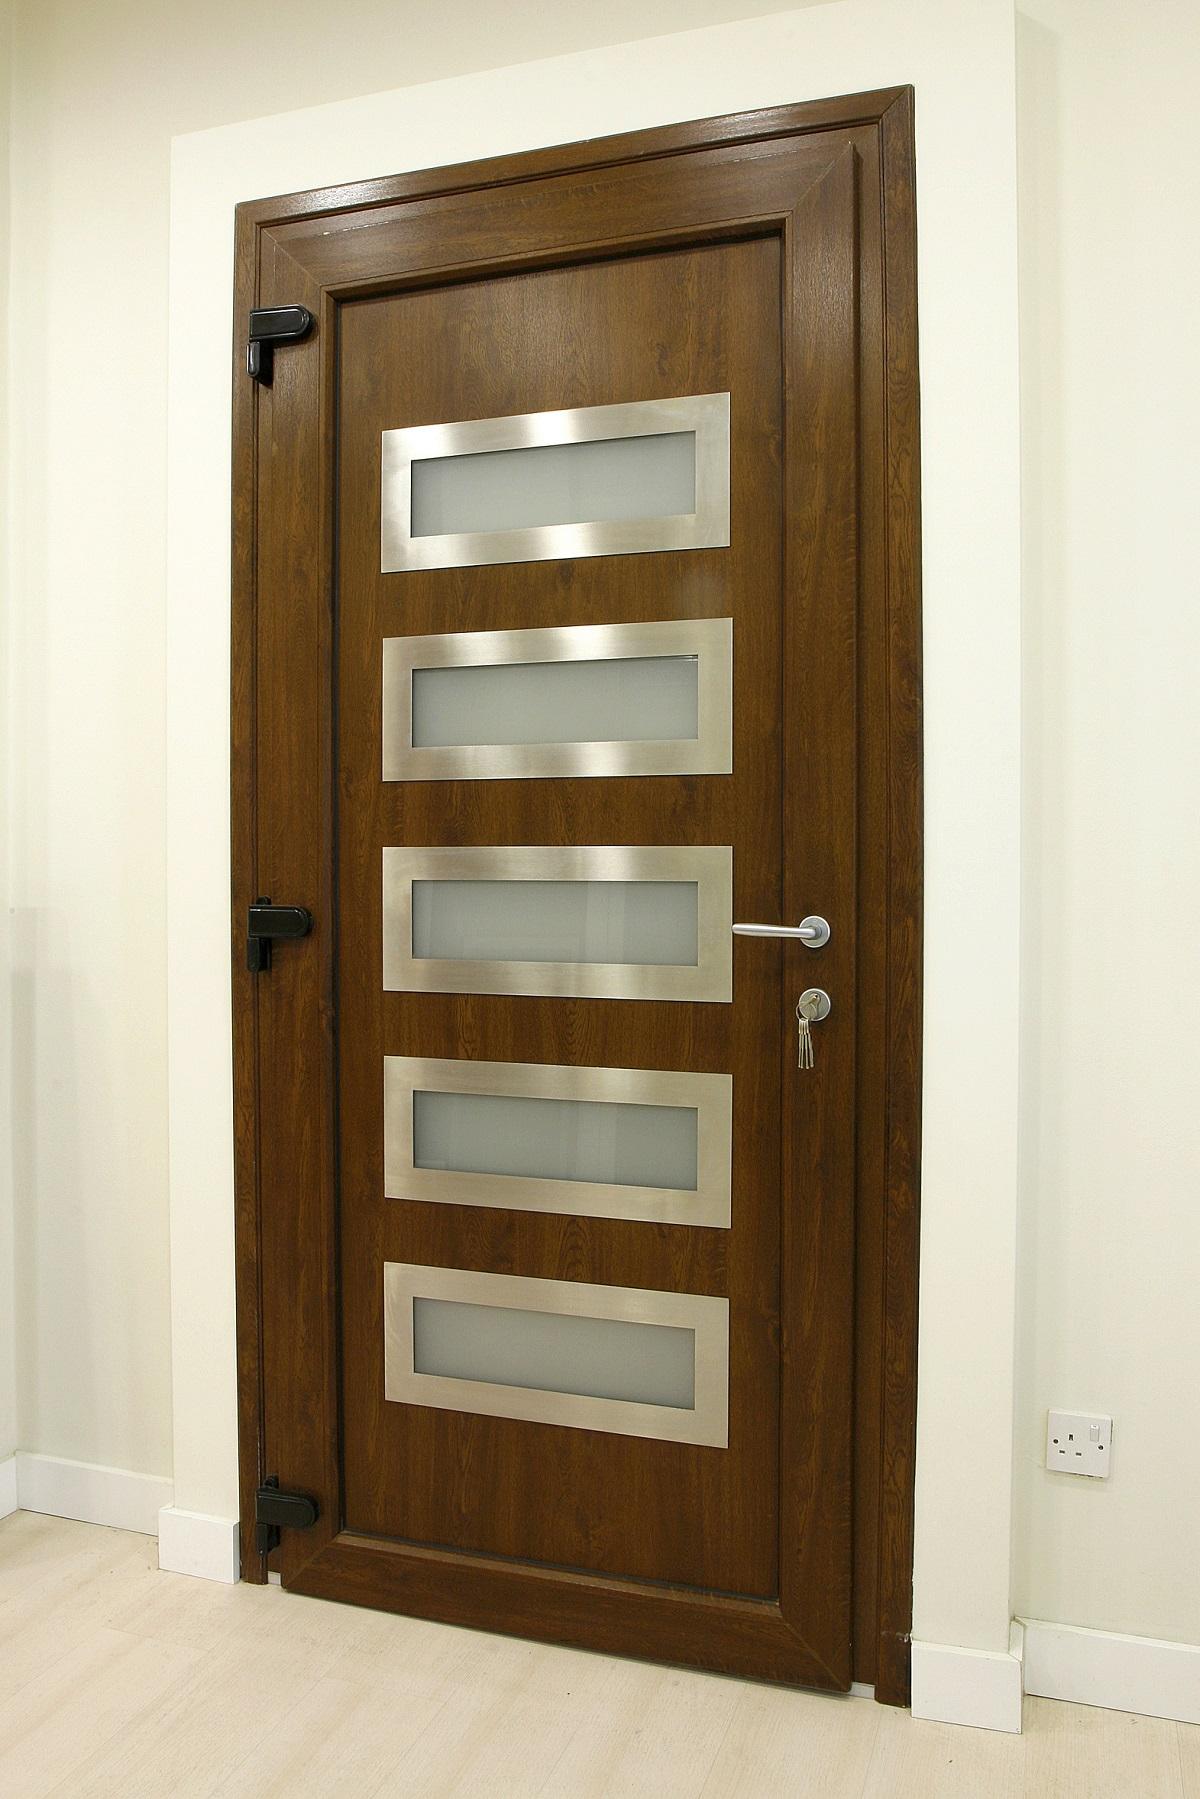 drzwi do pokoju z przezroczystymi wstawkami